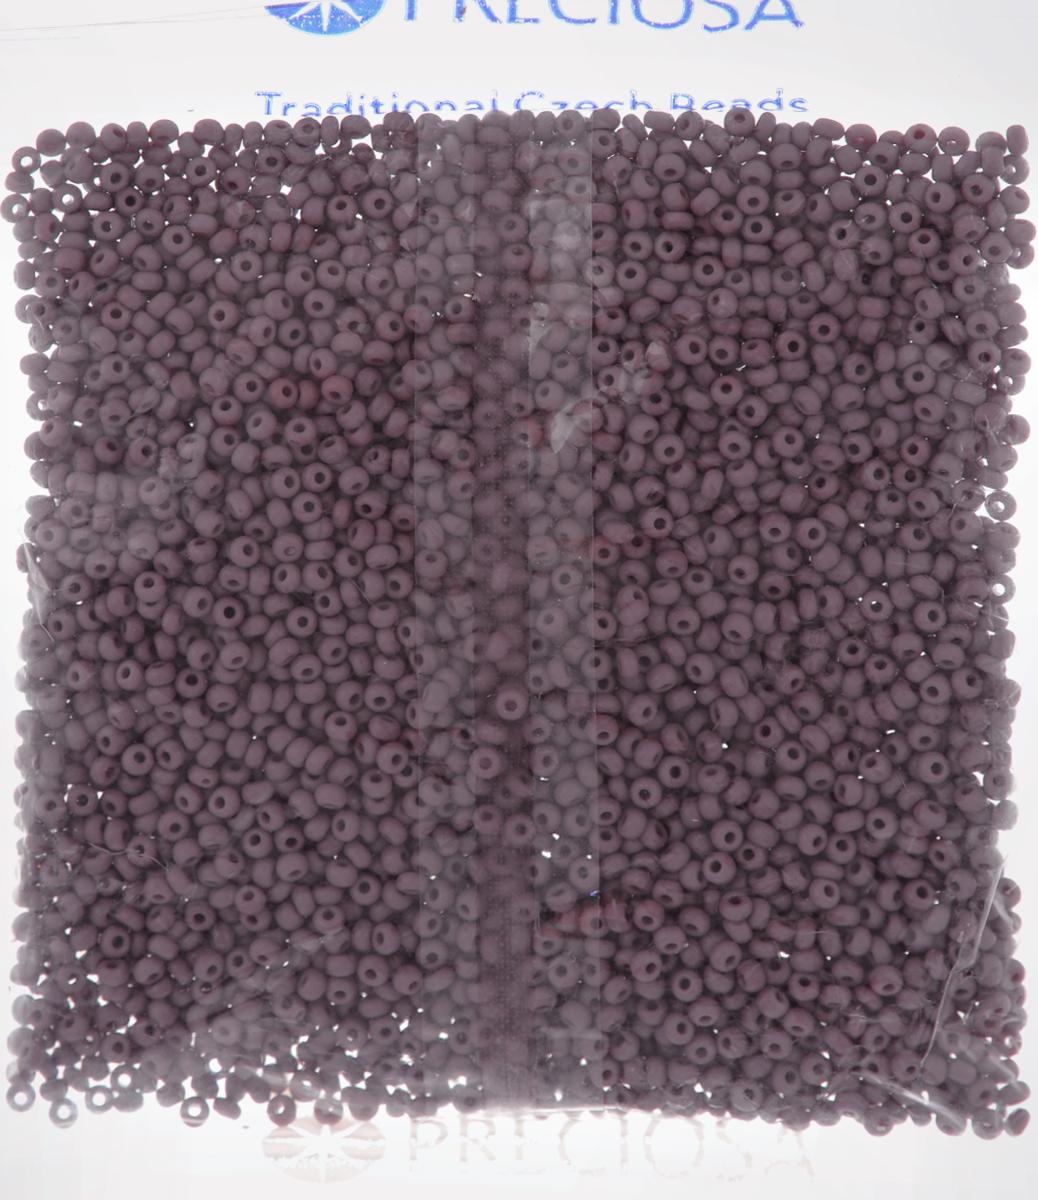 Бисер Preciosa Ассорти, матовый, цвет: фиолетовый (18), 10/0, 50 г. 163142163142_18_фиолетовыйБисер Preciosa Ассорти, изготовленный из стекла круглой формы, позволит вам своими руками создать оригинальные ожерелья, бусы или браслеты, а также заняться вышиванием. В бисероплетении часто используют бисер разных размеров и цветов. Он идеально подойдет для вышивания на предметах быта и женской одежде. Изготовление украшений - занимательное хобби и реализация творческих способностей рукодельницы, это возможность создания неповторимого индивидуального подарка.